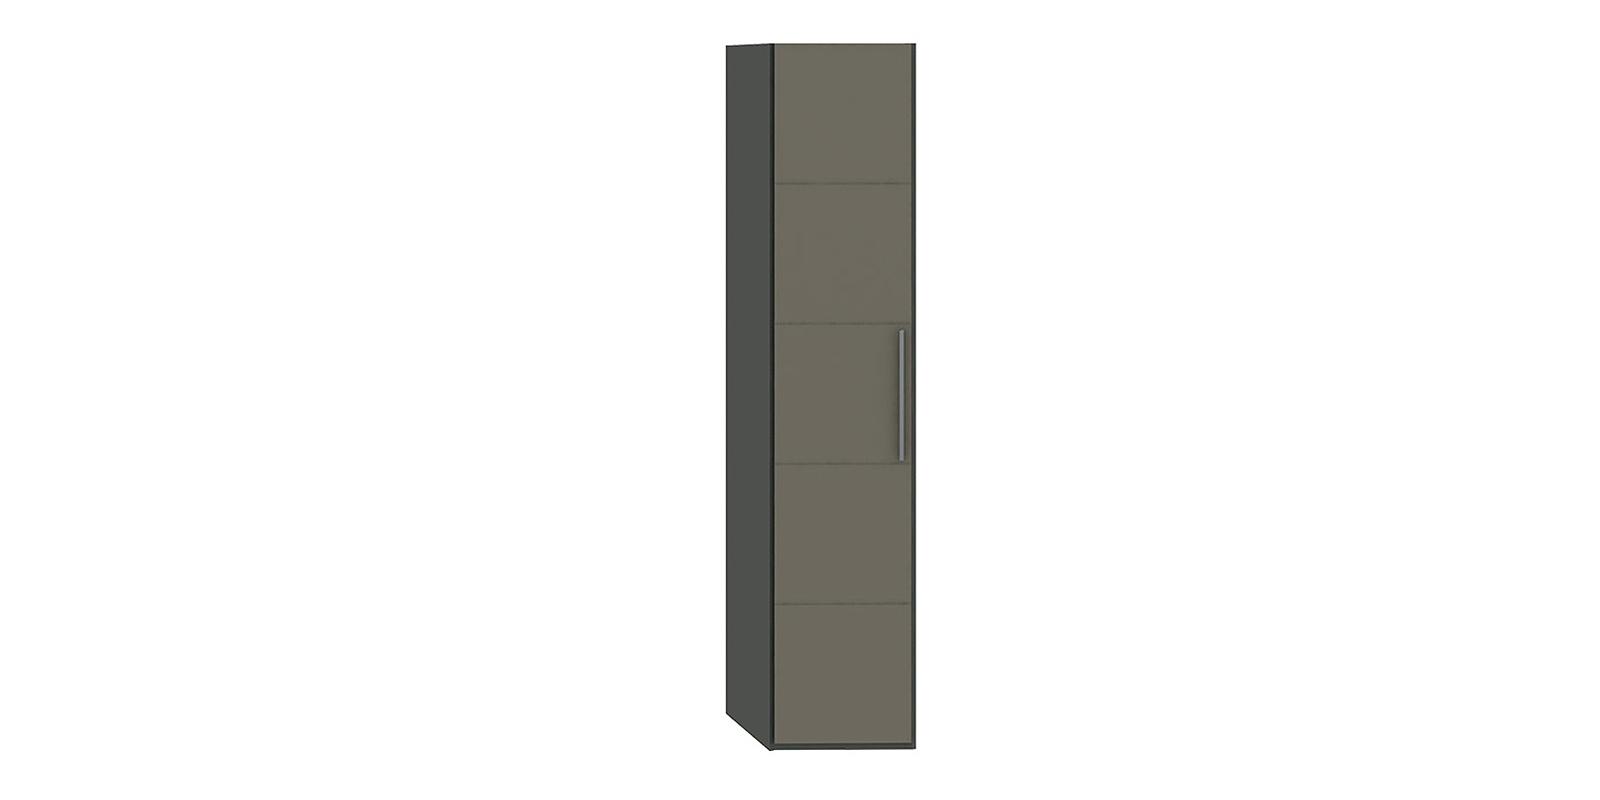 Шкаф распашной однодверный Сорренто торцевой вариант №1 (серый/коричневый)